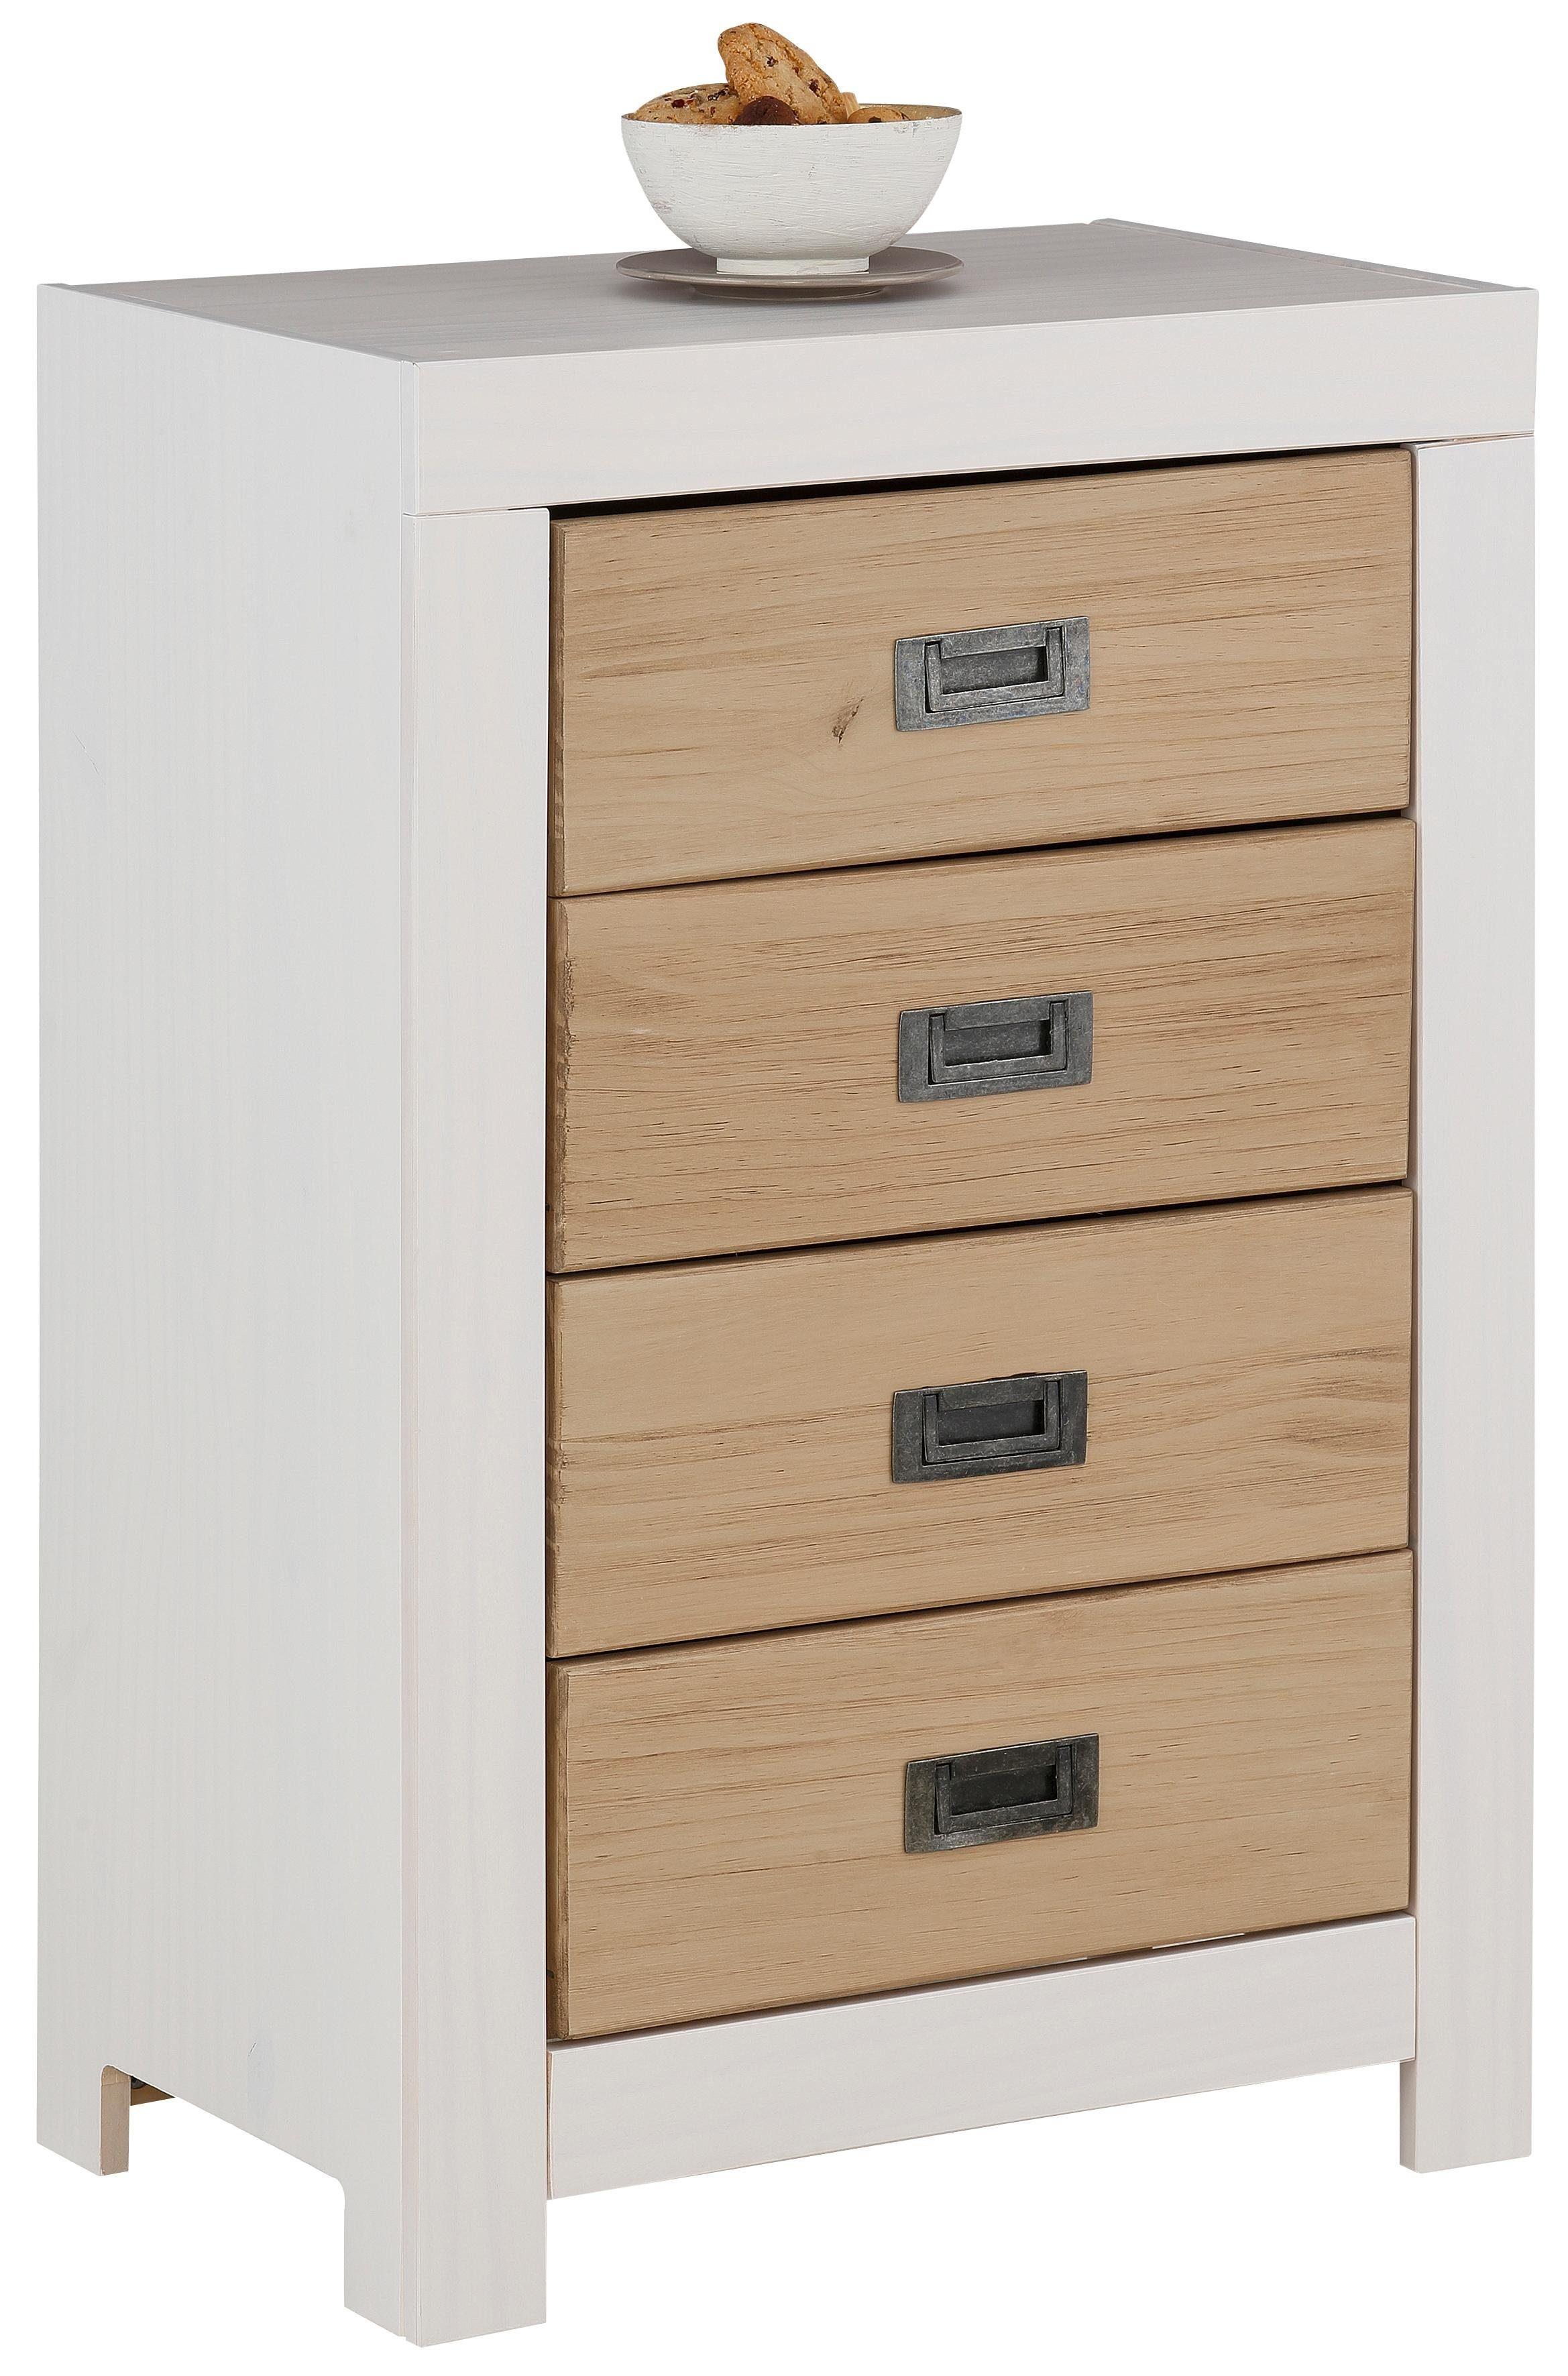 Home affaire Kommode »Cubo« aus Massivholz, Breite 55 cm